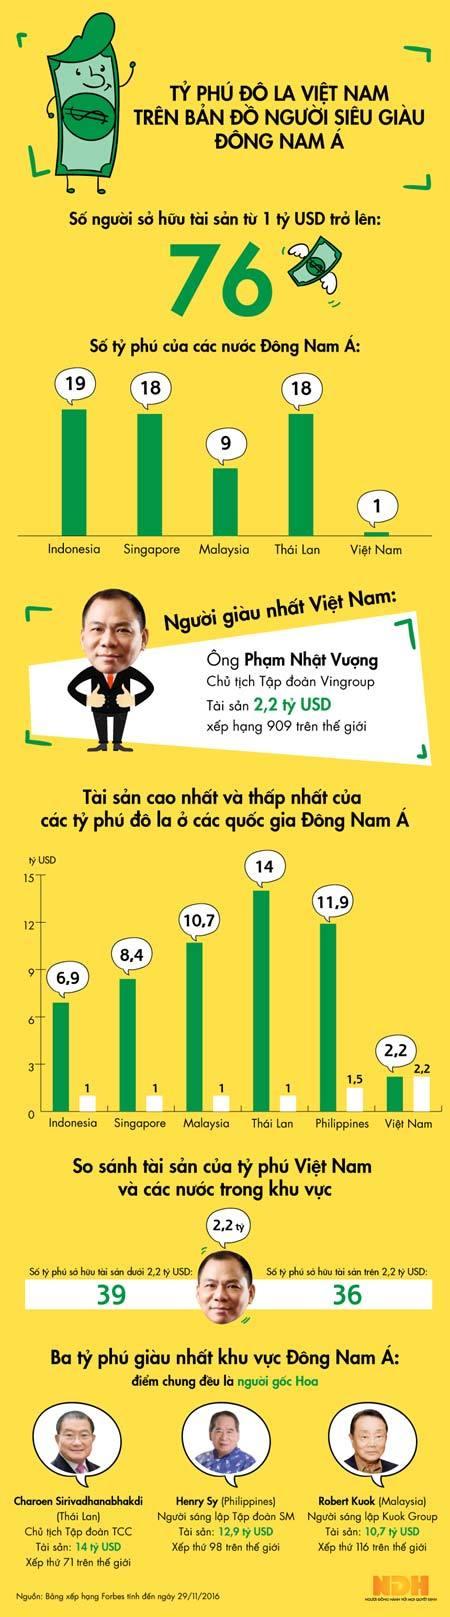 Tỷ phú đô la Việt Nam trên bản đồ người siêu giàu Đông Nam Á